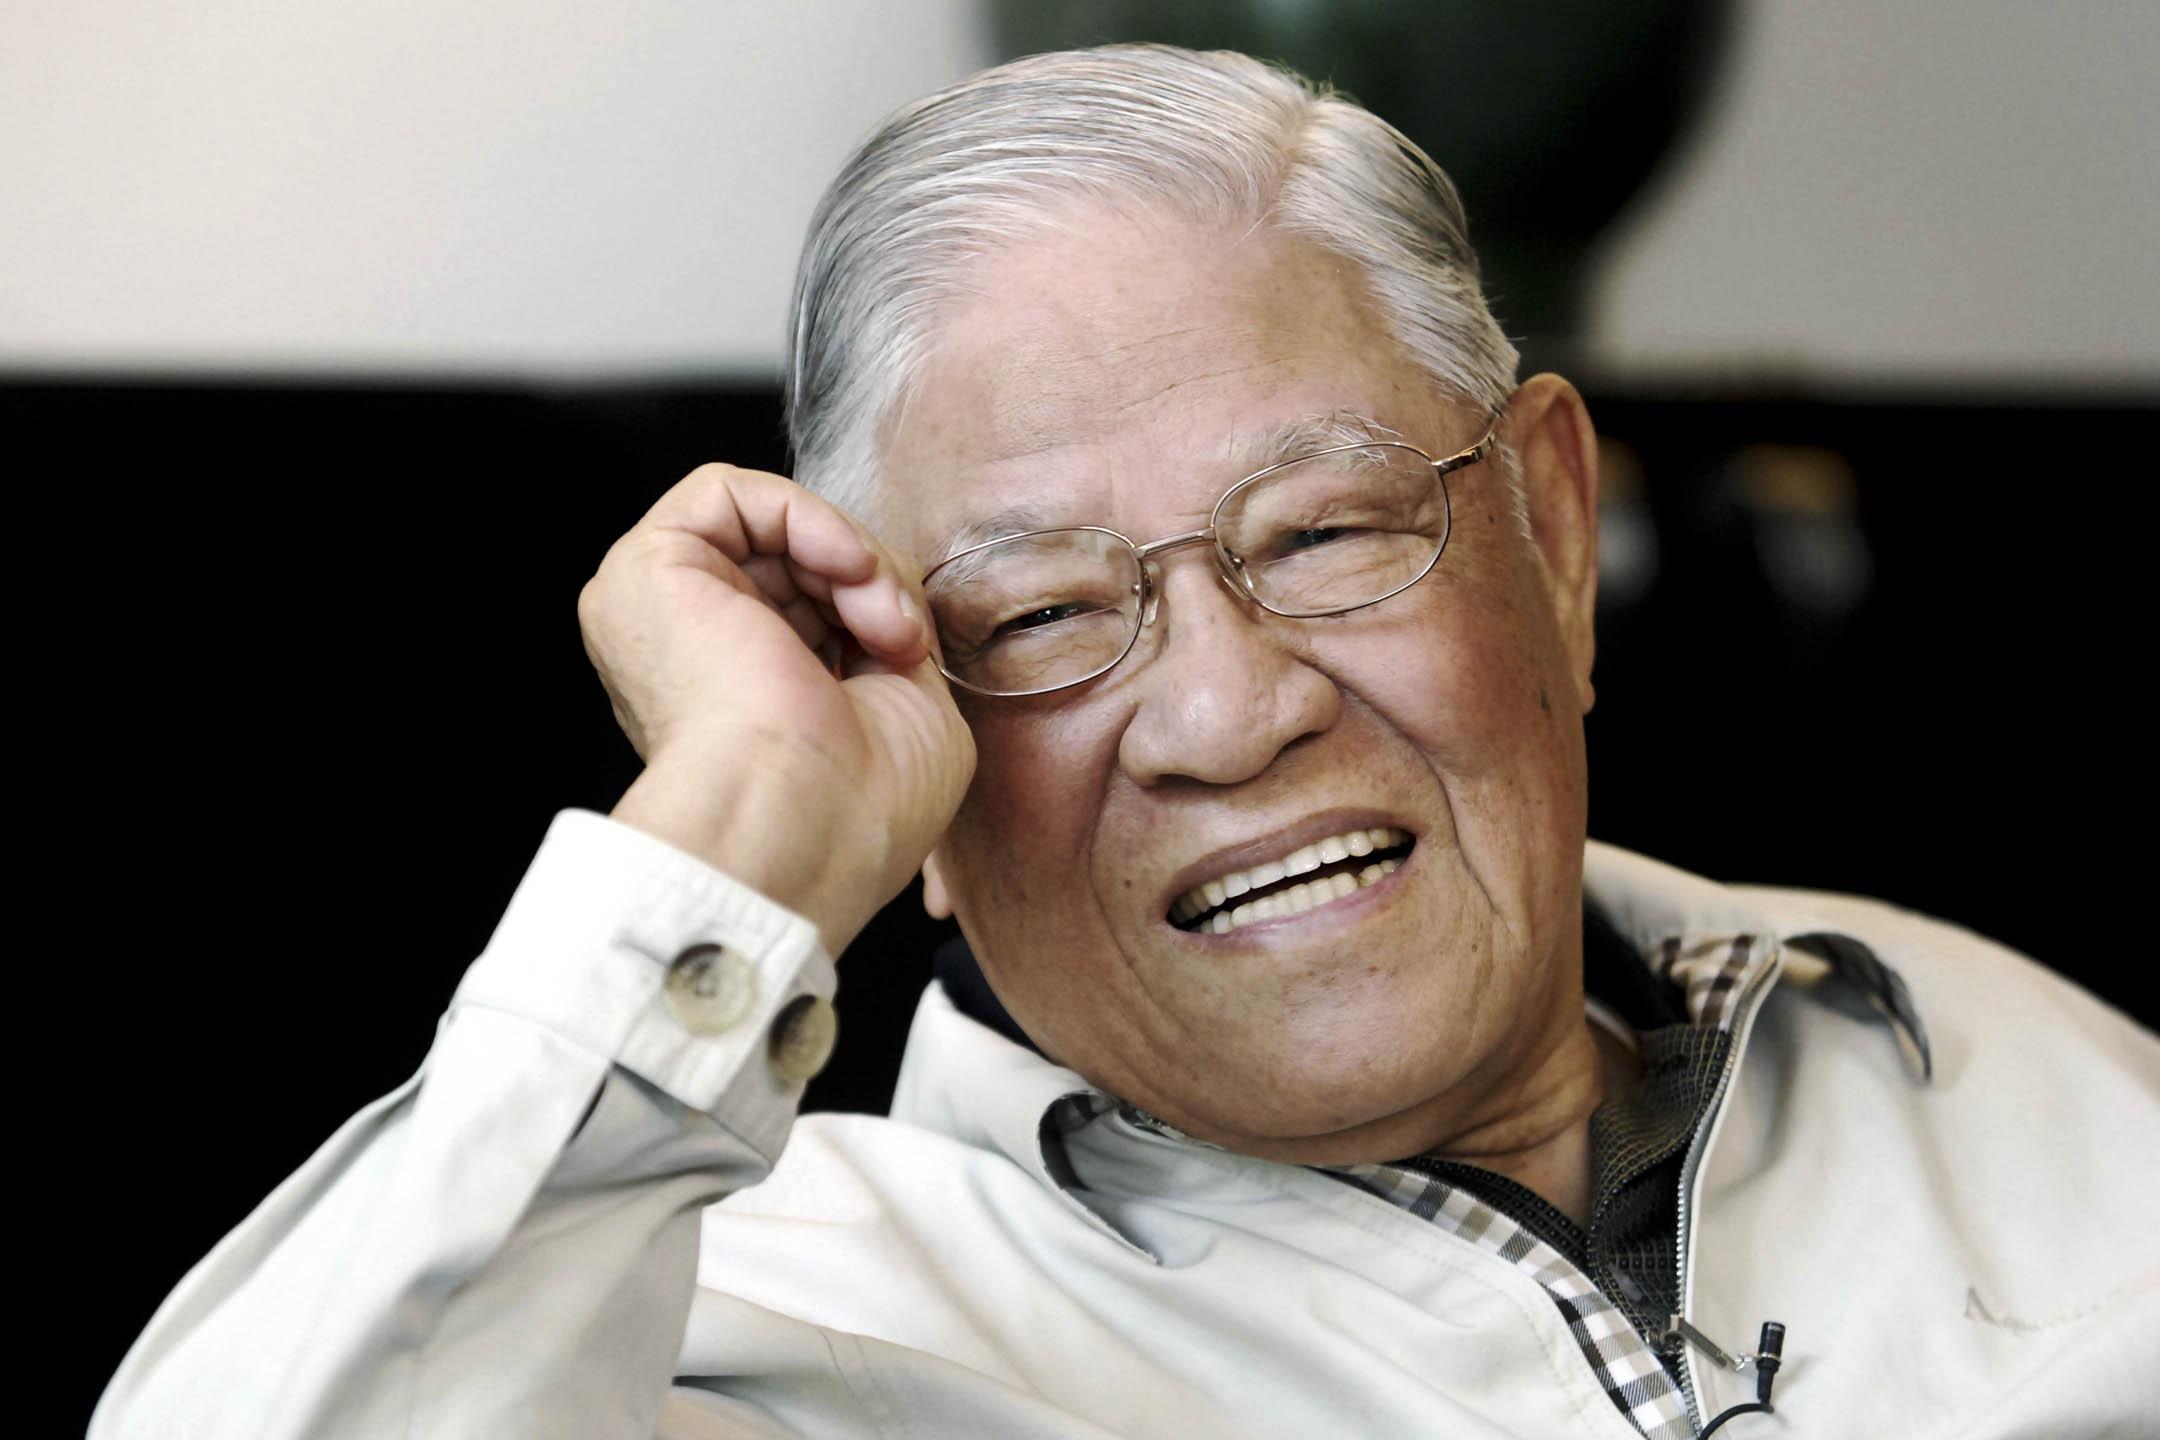 2008年5月28日,台灣前總統李登輝在他的家中接受美聯社的獨家專訪。 攝:Chiang Ying-ying/AP/達志影像